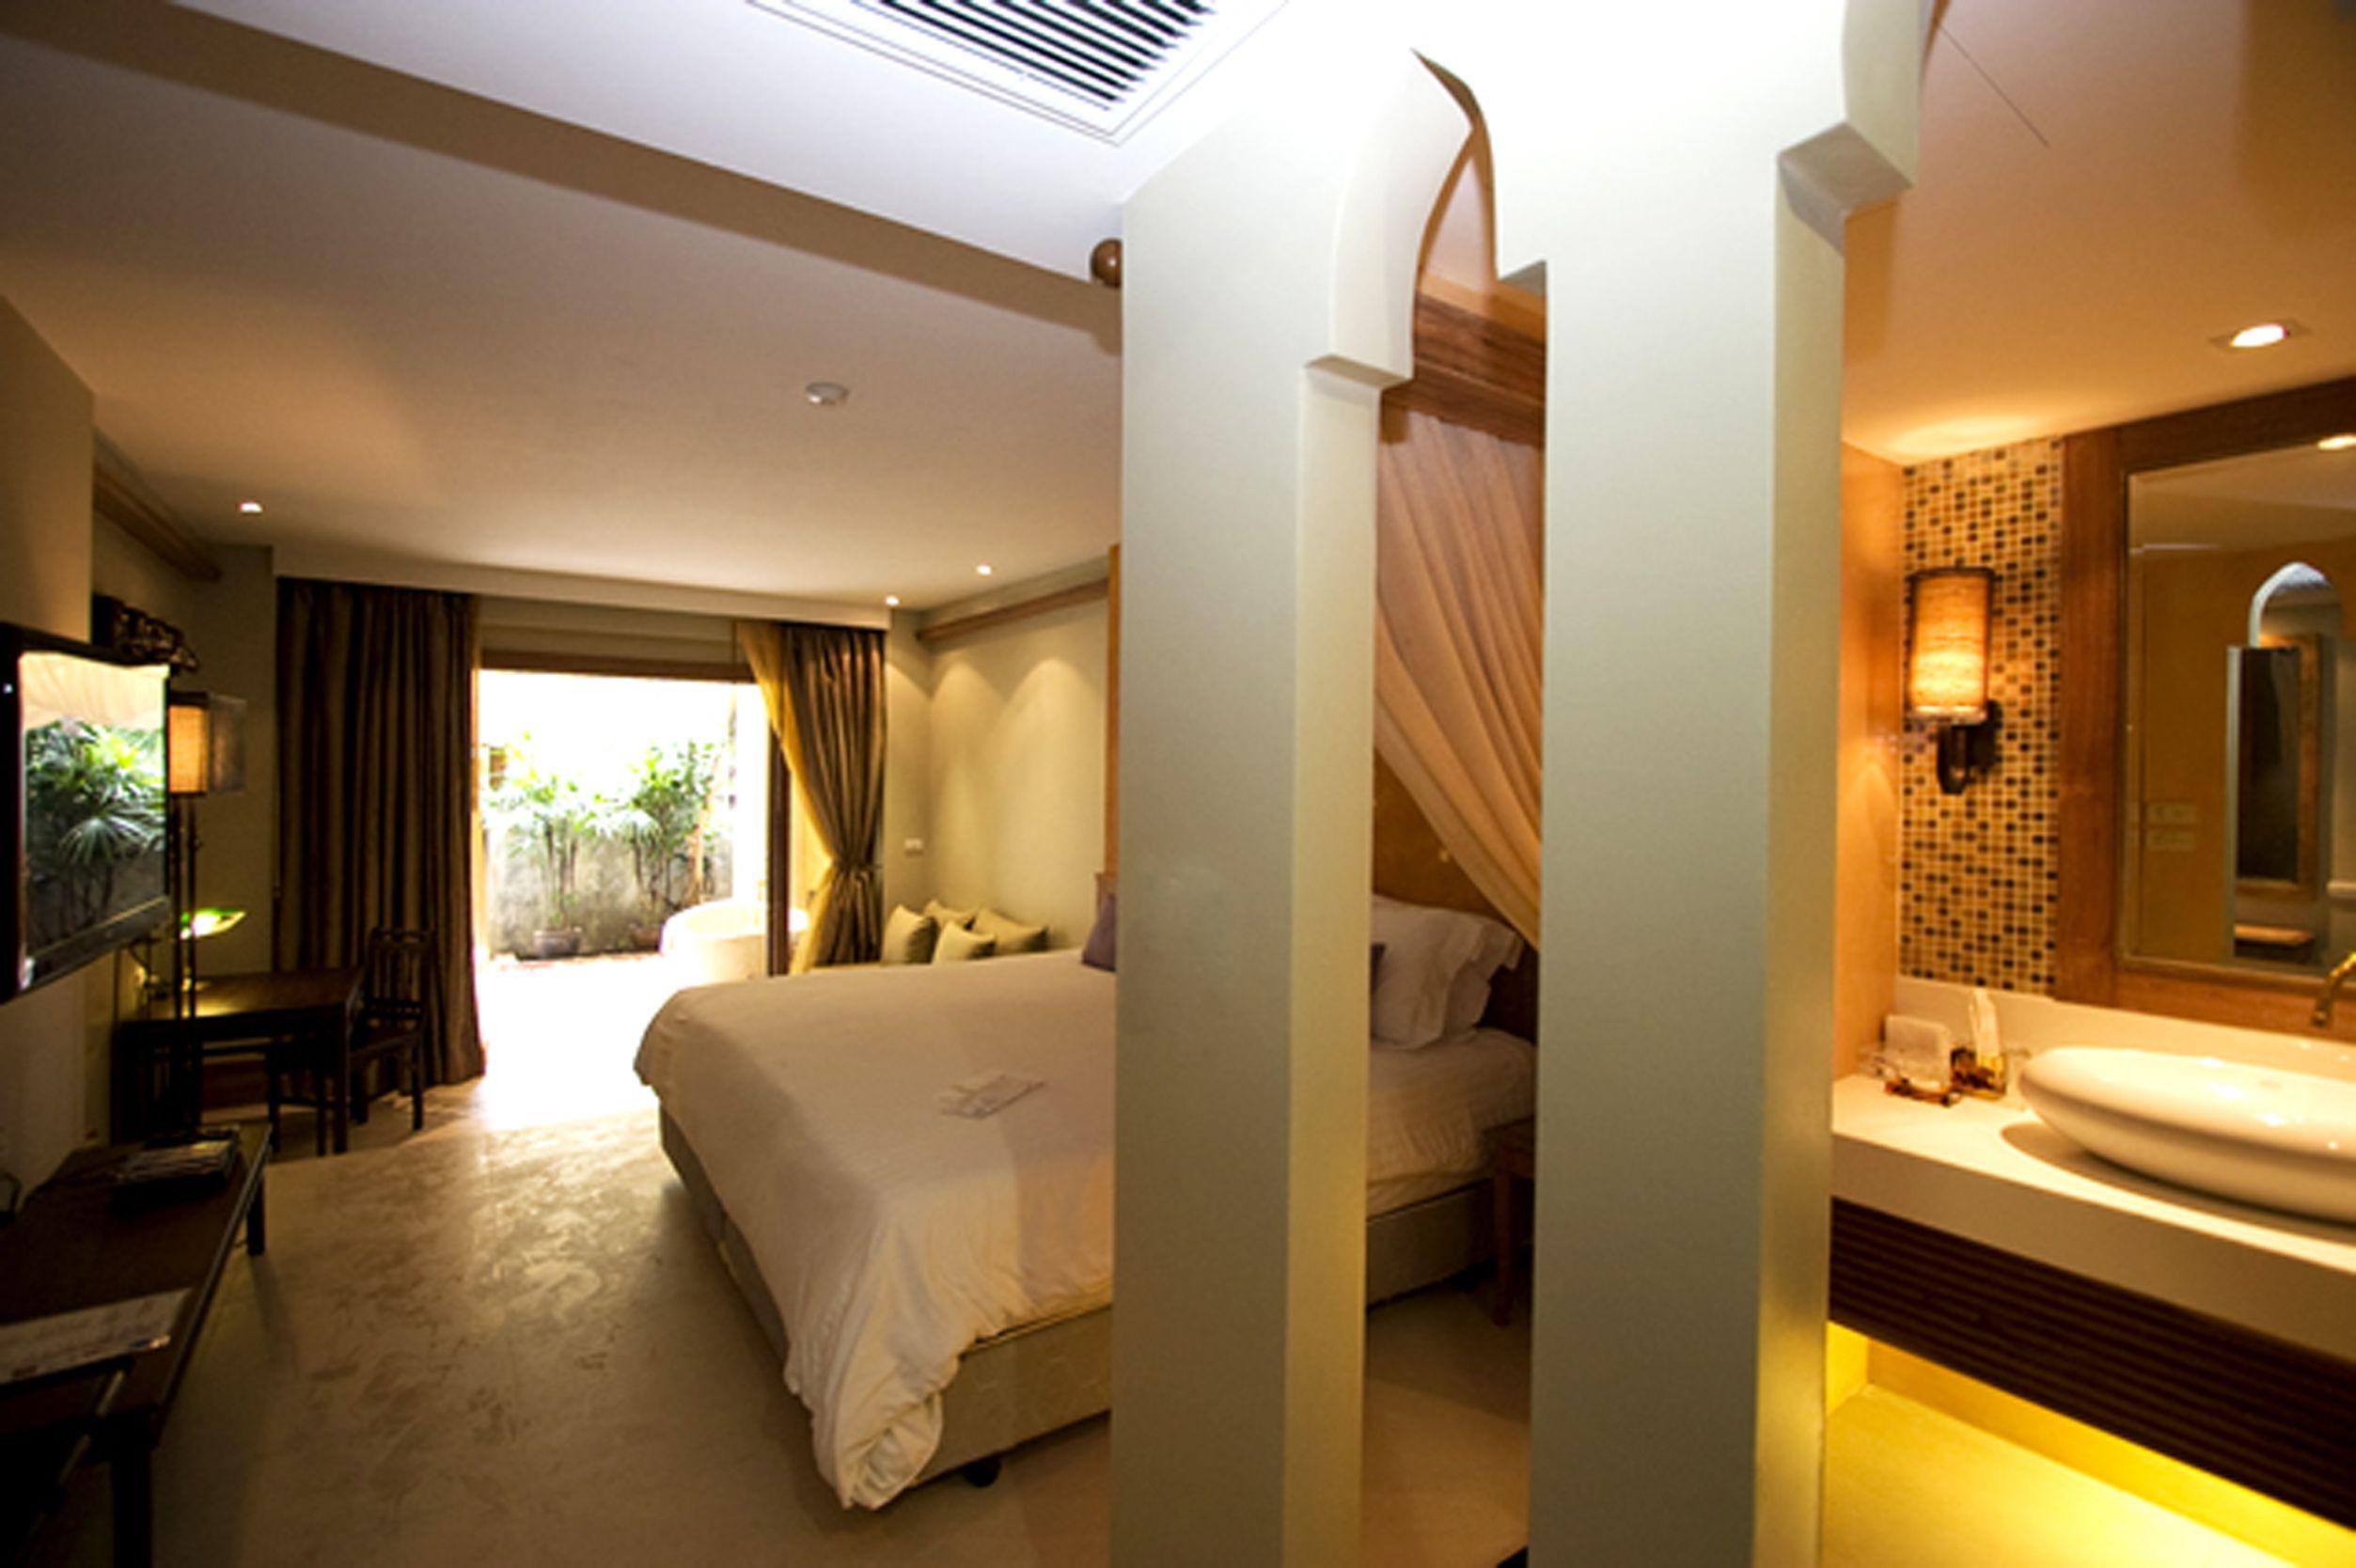 boy bedroom design ideas interior design ideas for bedrooms modern rh pinterest com